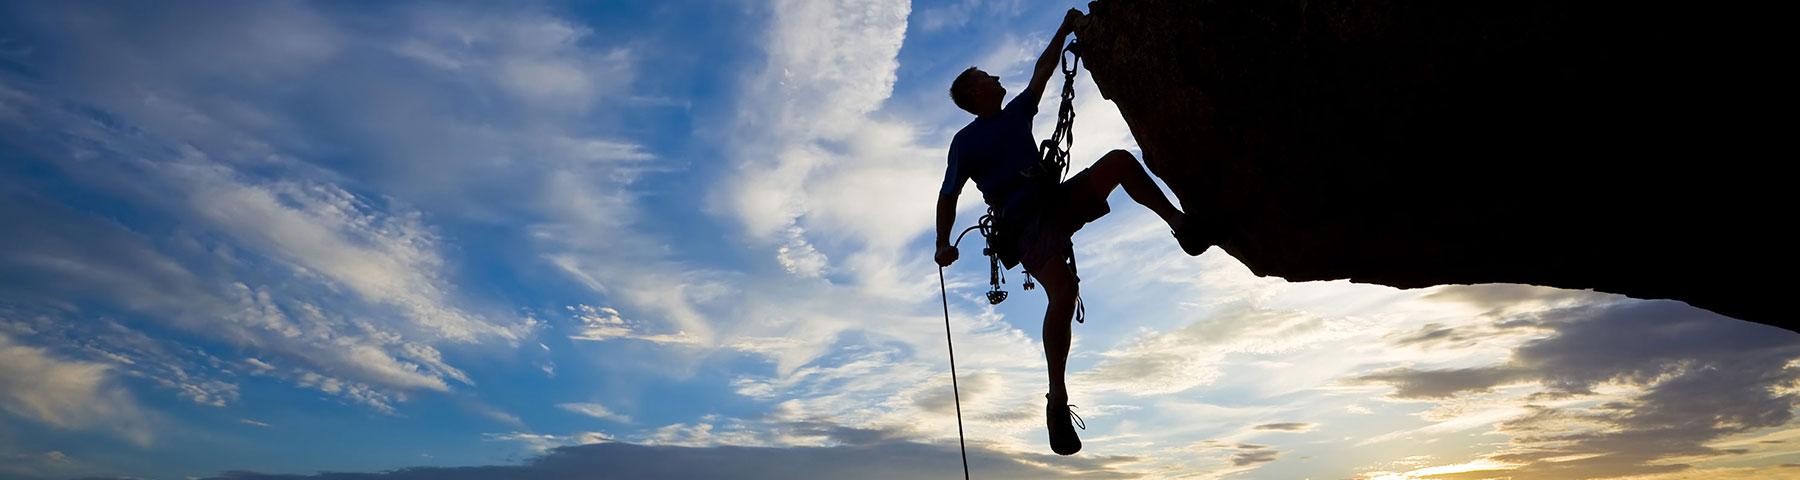 climber_extreme-3